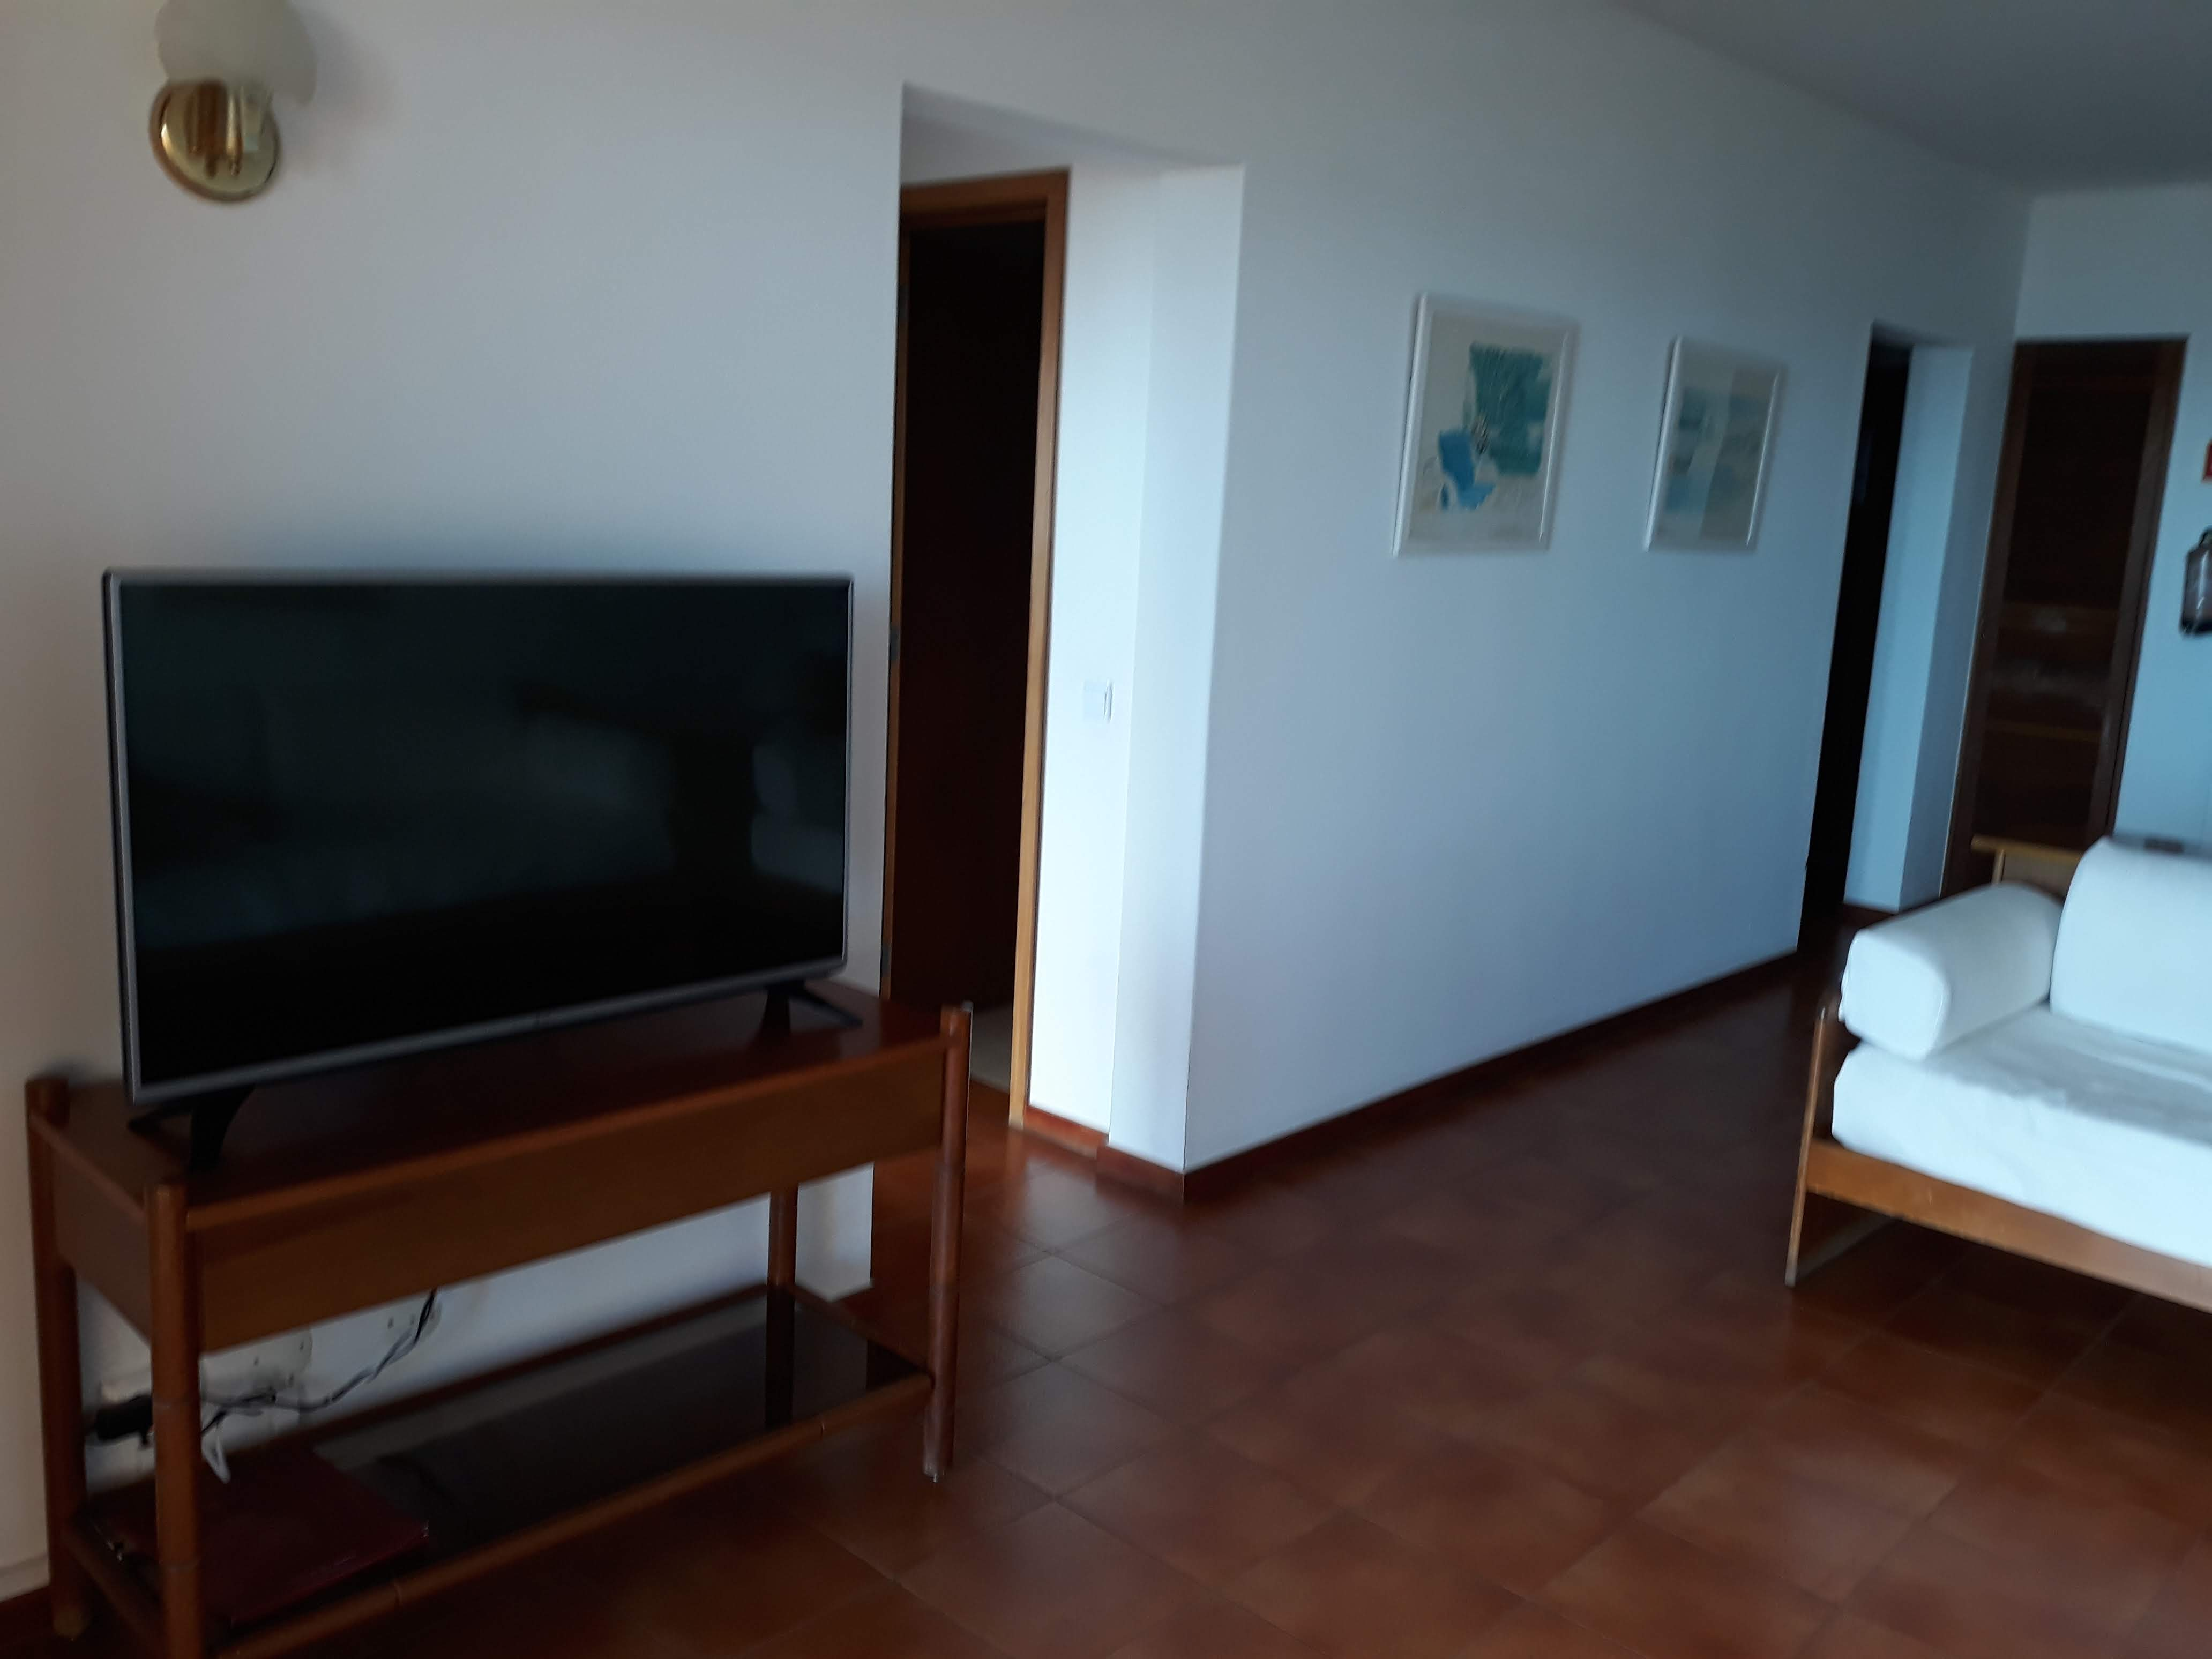 Holiday apartments and villas for rent, T1 in Hotel Dom Pedro Portobelo 4 ****, in Vilamoura in Vilamoura, Portugal Algarve, REF_IMG_4276_7664